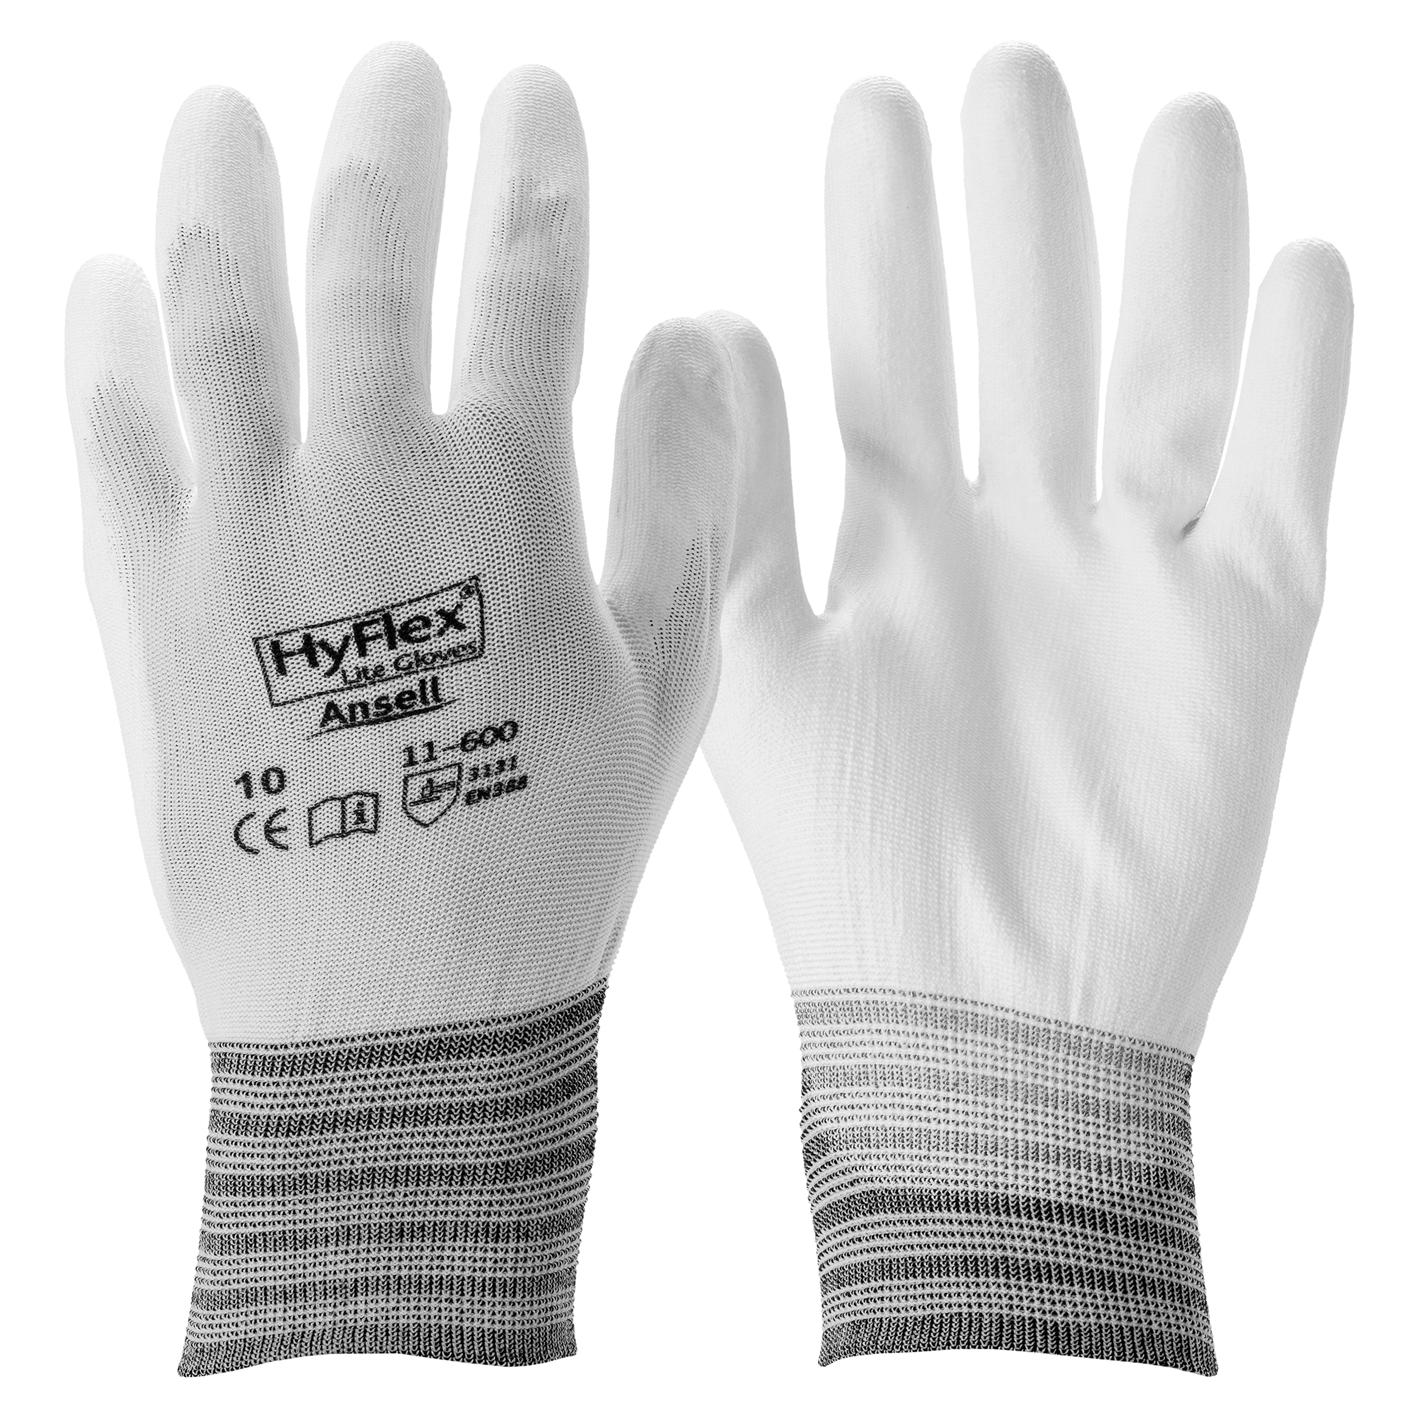 Image of   Hyflex handske, PU, hvid